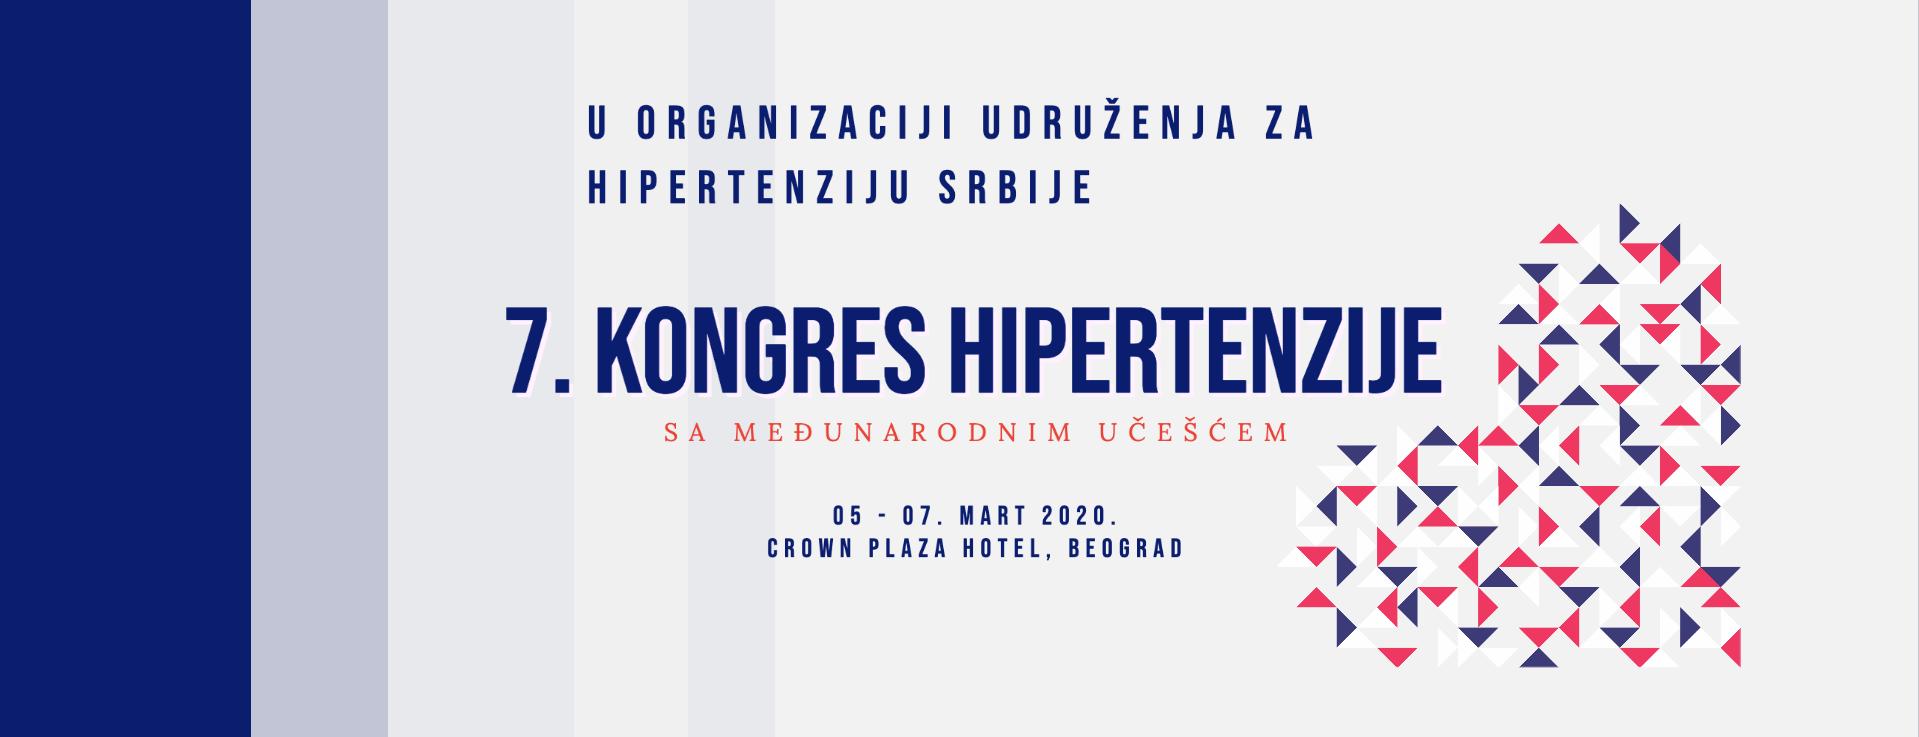 Udruženje za hipertenziju Srbije